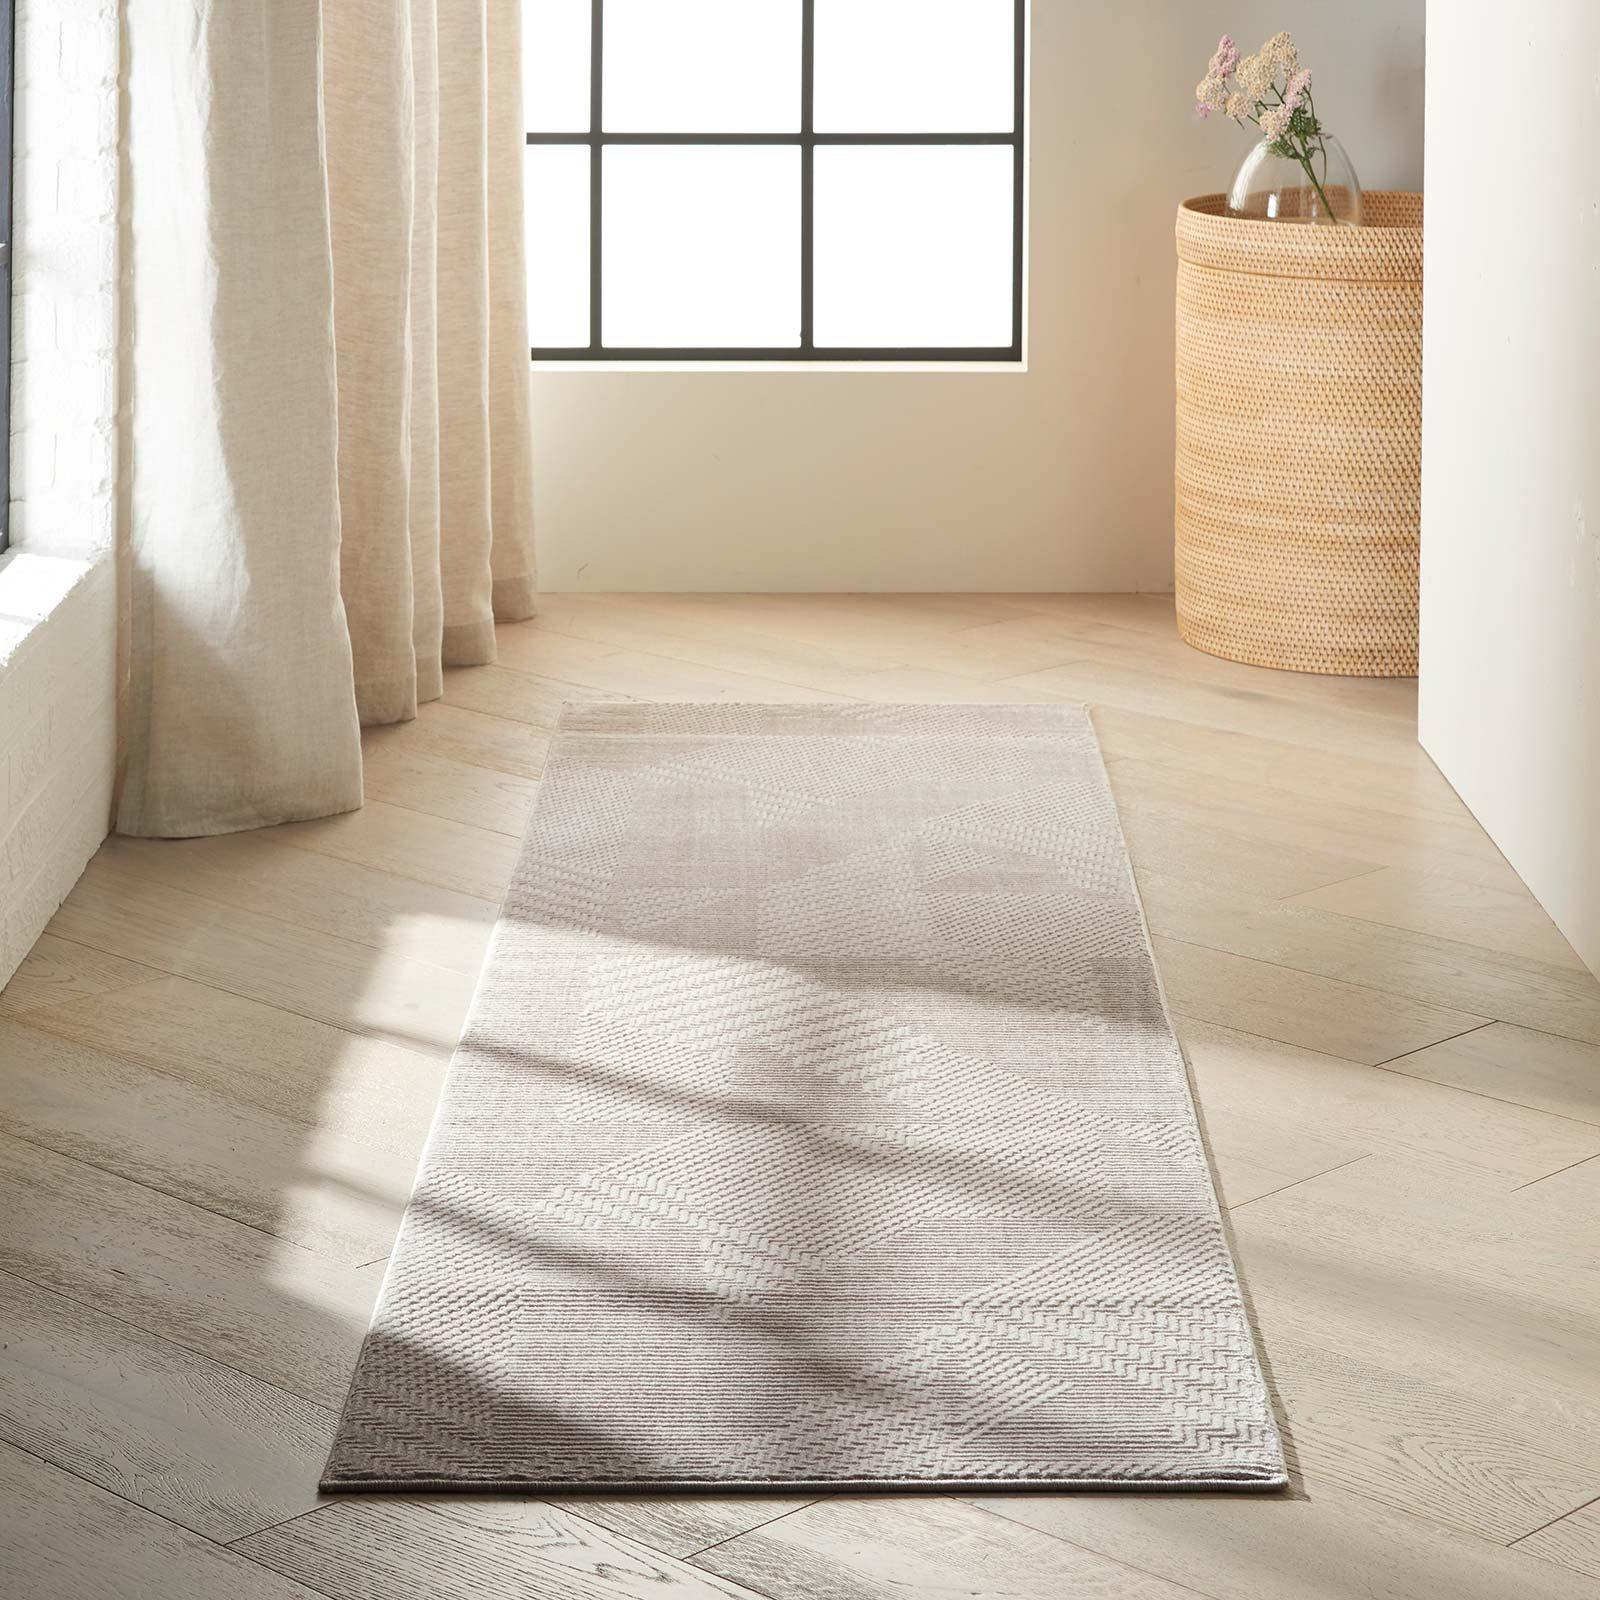 Calvin Klein rug Orlando CK850 CK852 GREY BEIGE 2x8 099446488213 interior 1